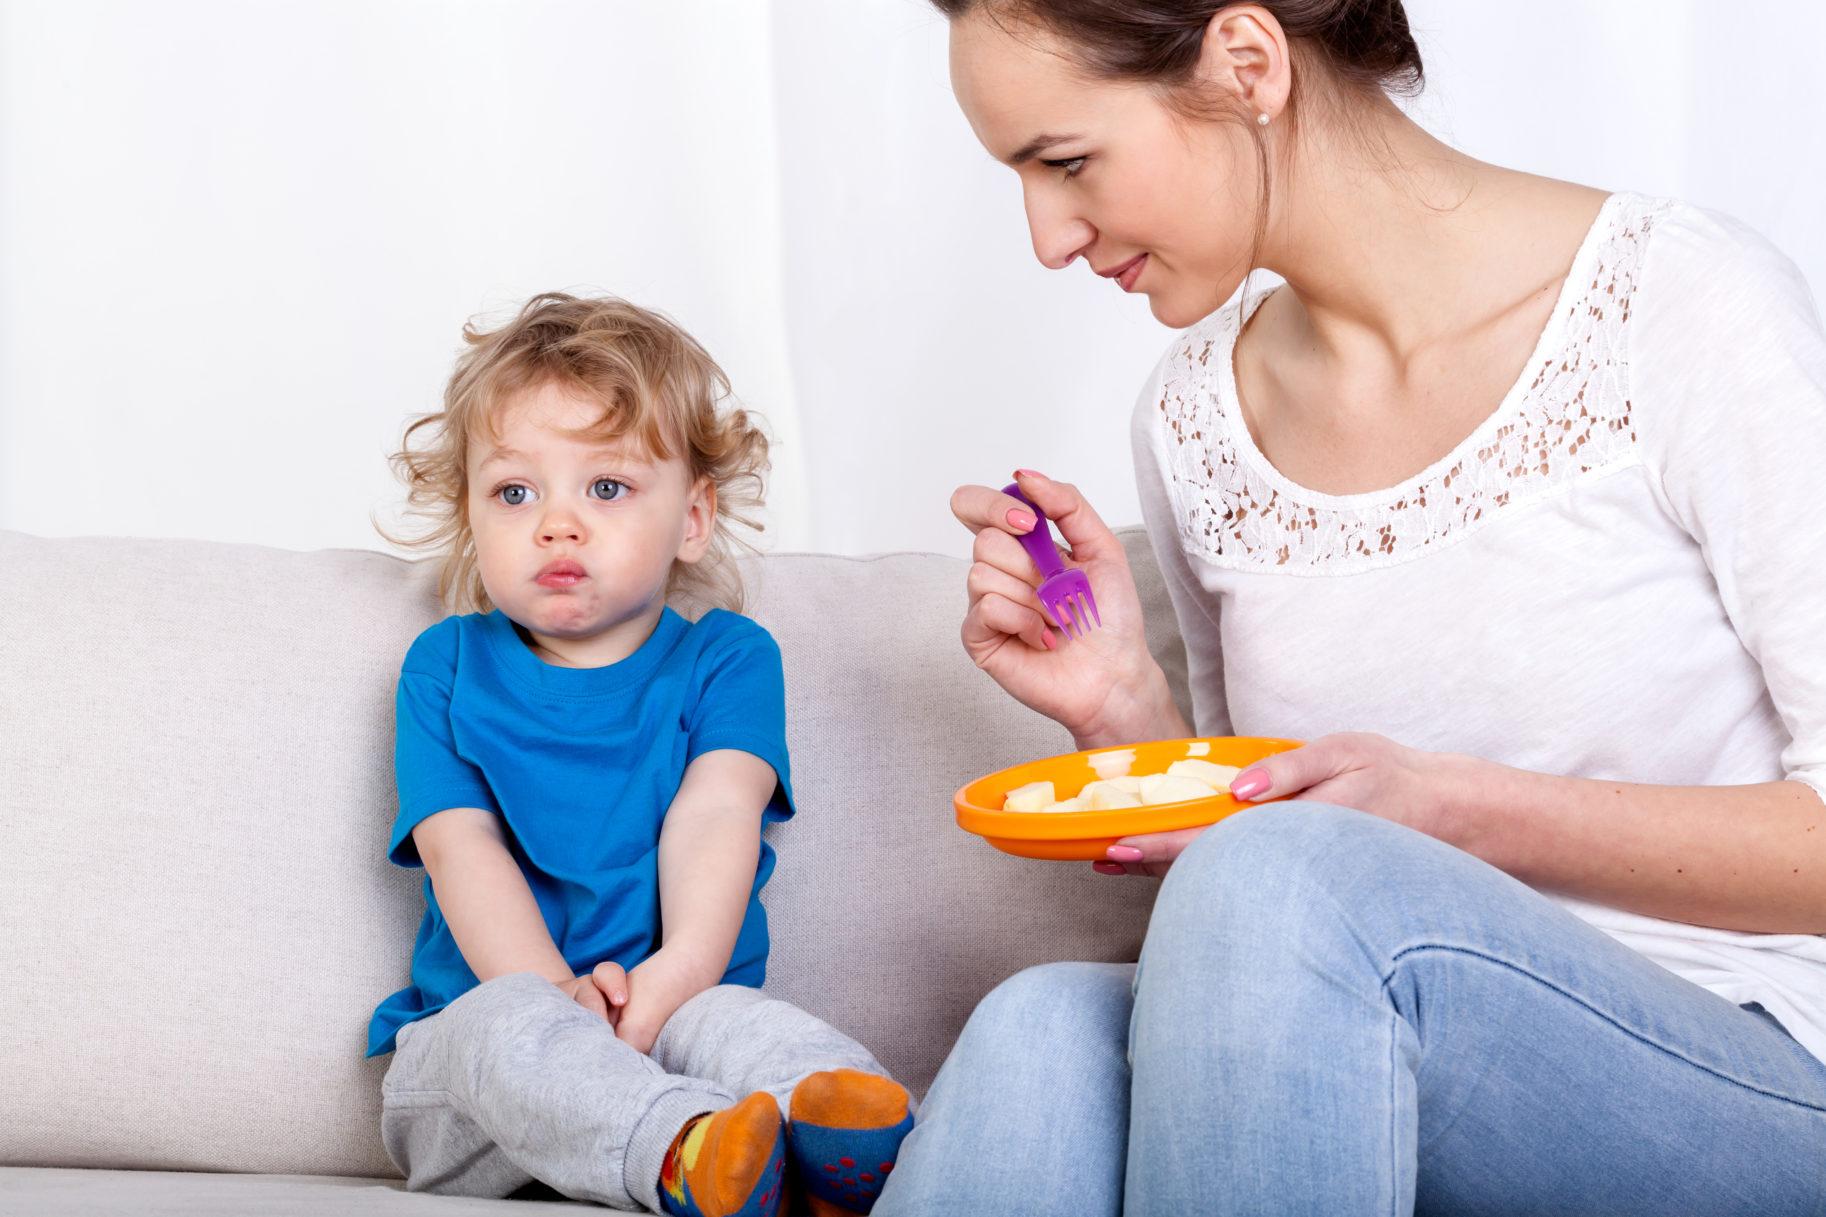 Brak apetytu u dziecka po operacji